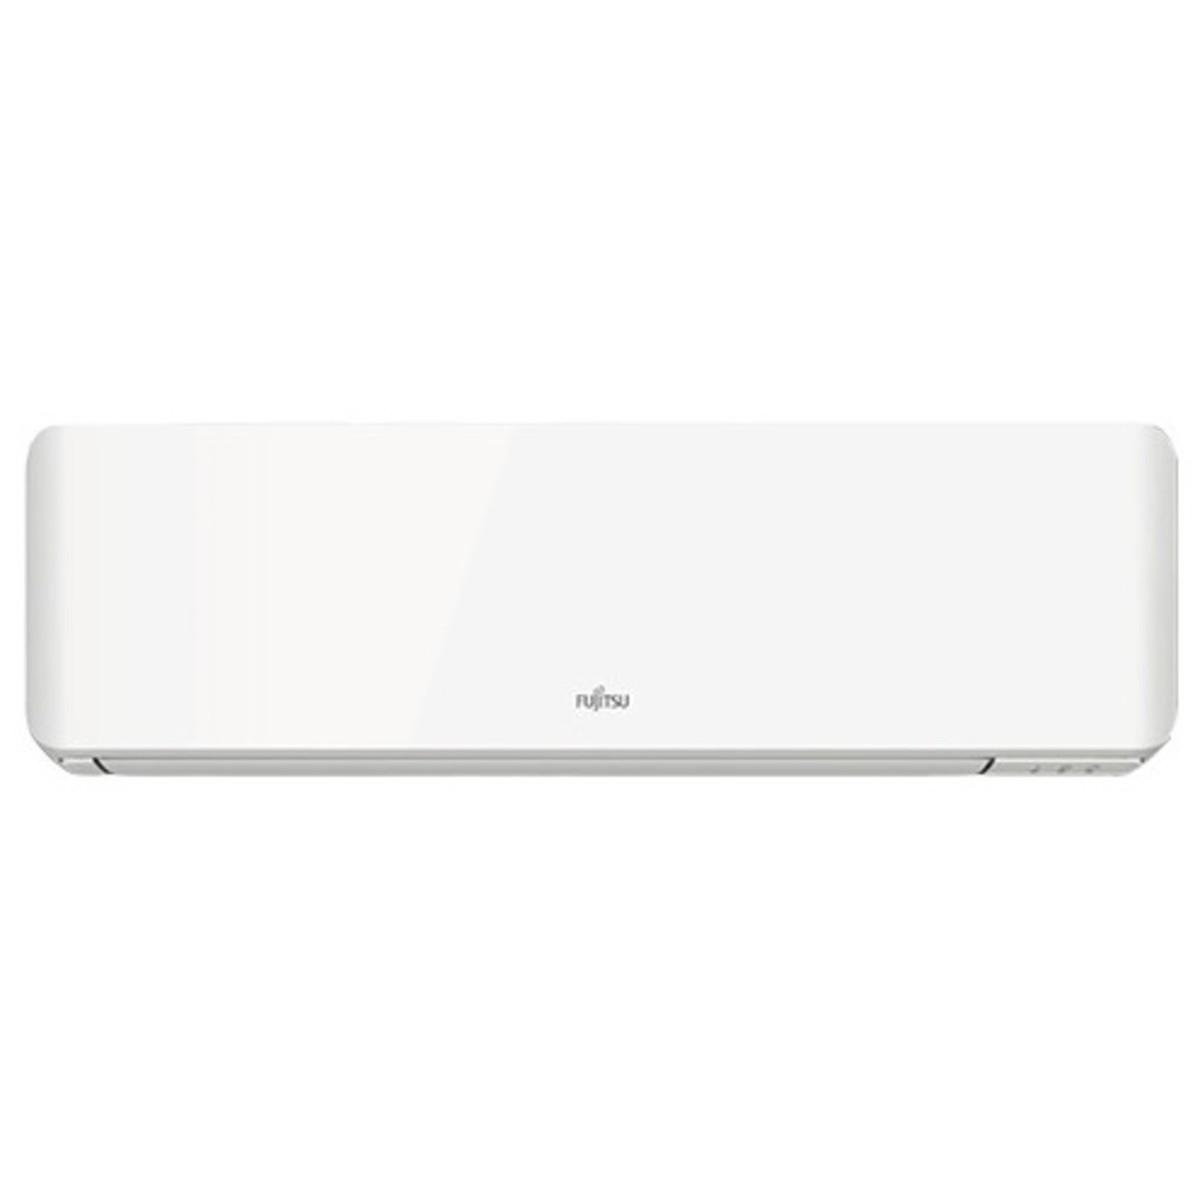 Fujitsu inverter klima uređaj ASYG18KMTA - Inelektronik